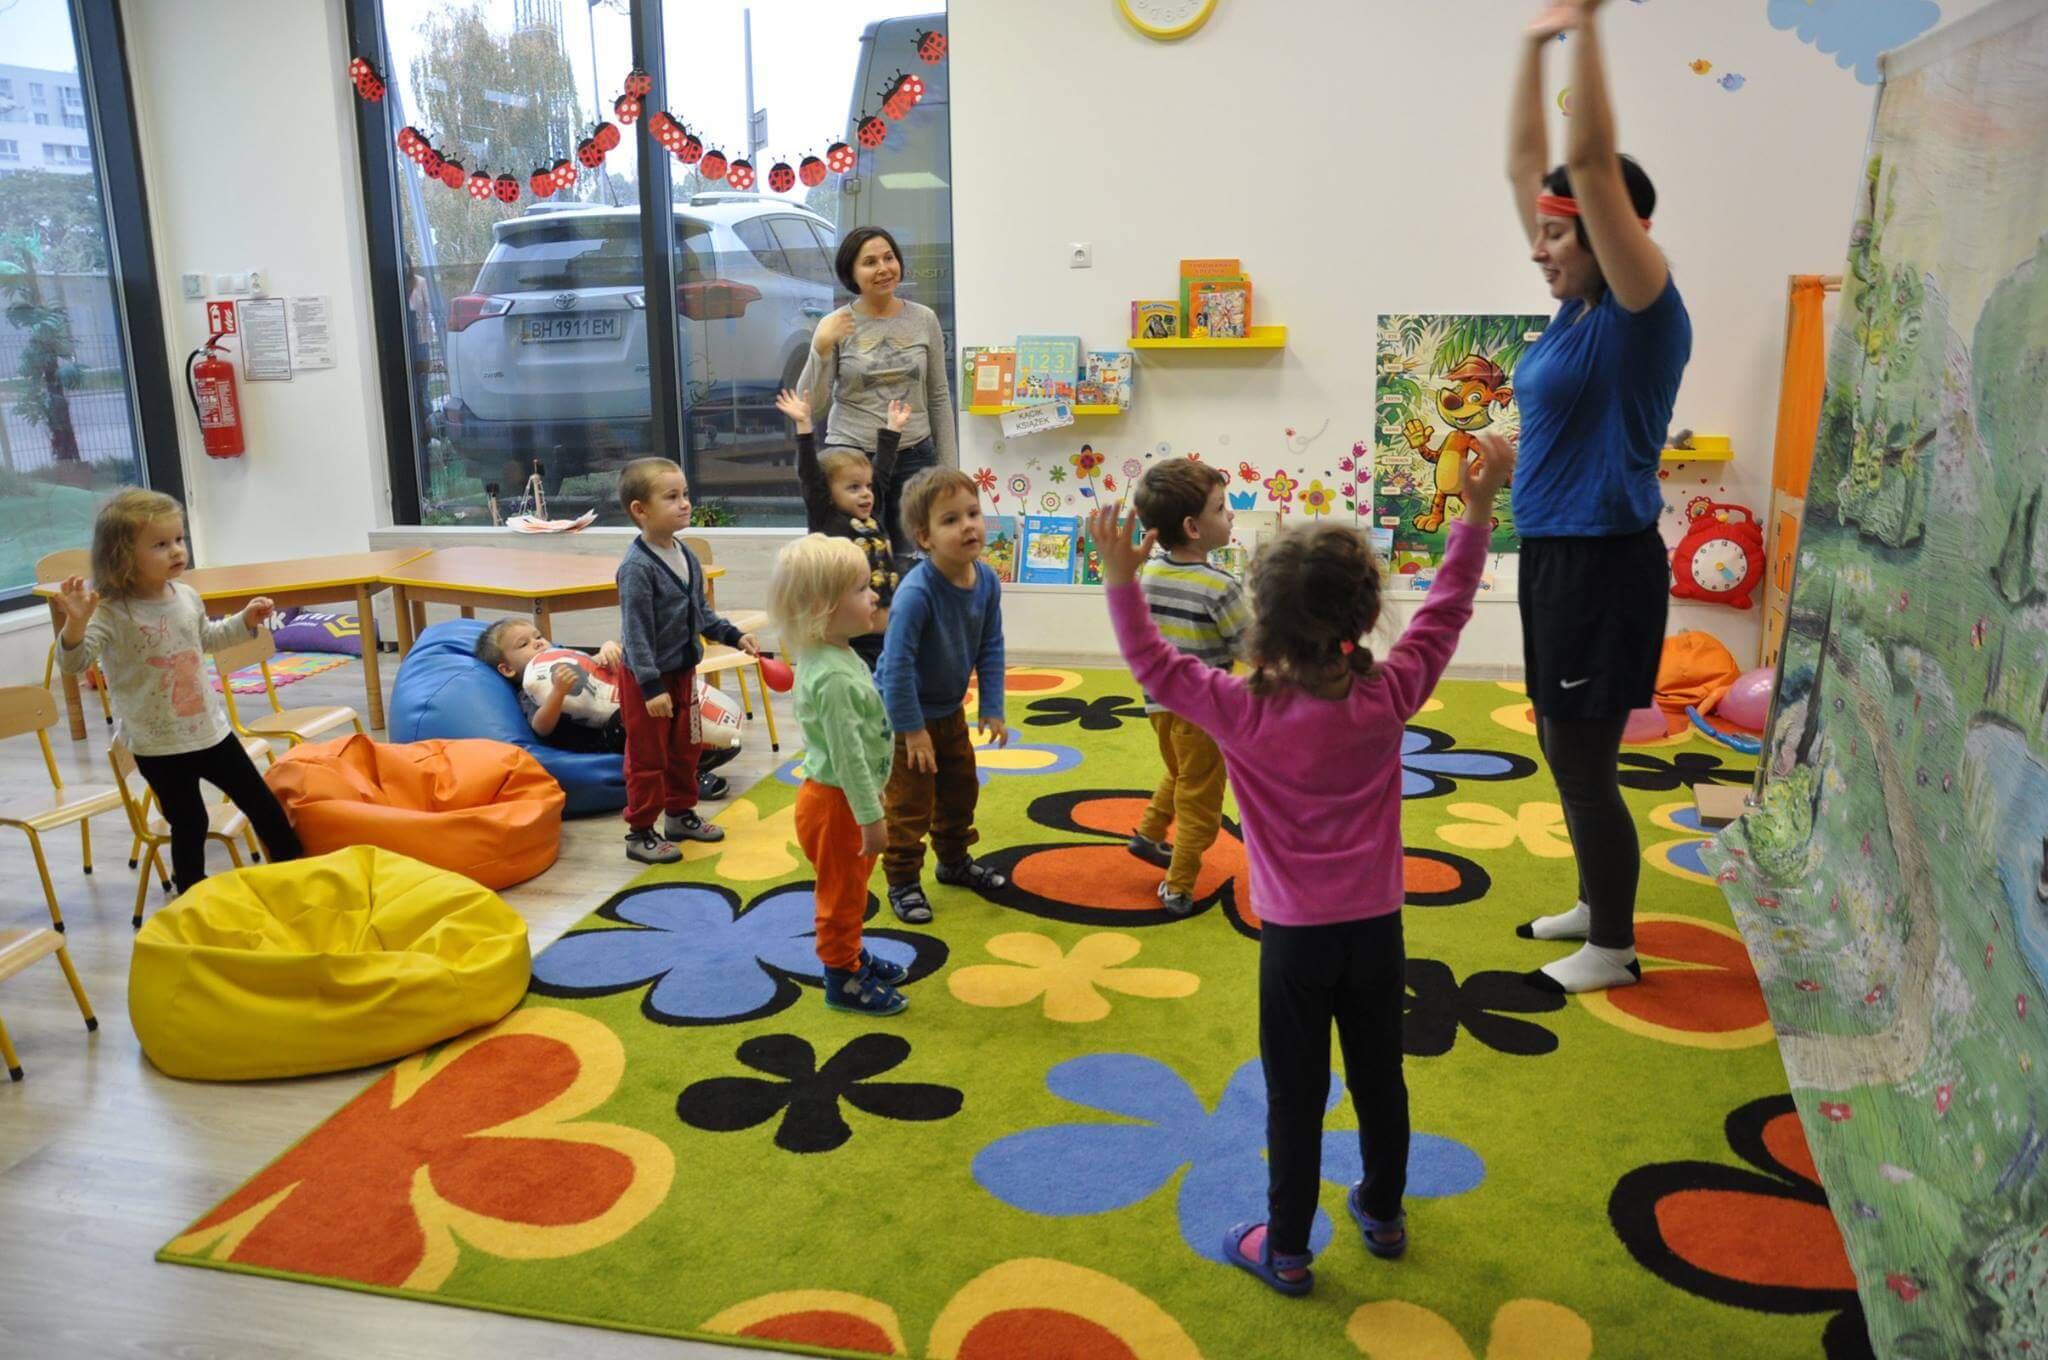 Будут ли проблемы в школе, если ребенок не ходил в детский сад